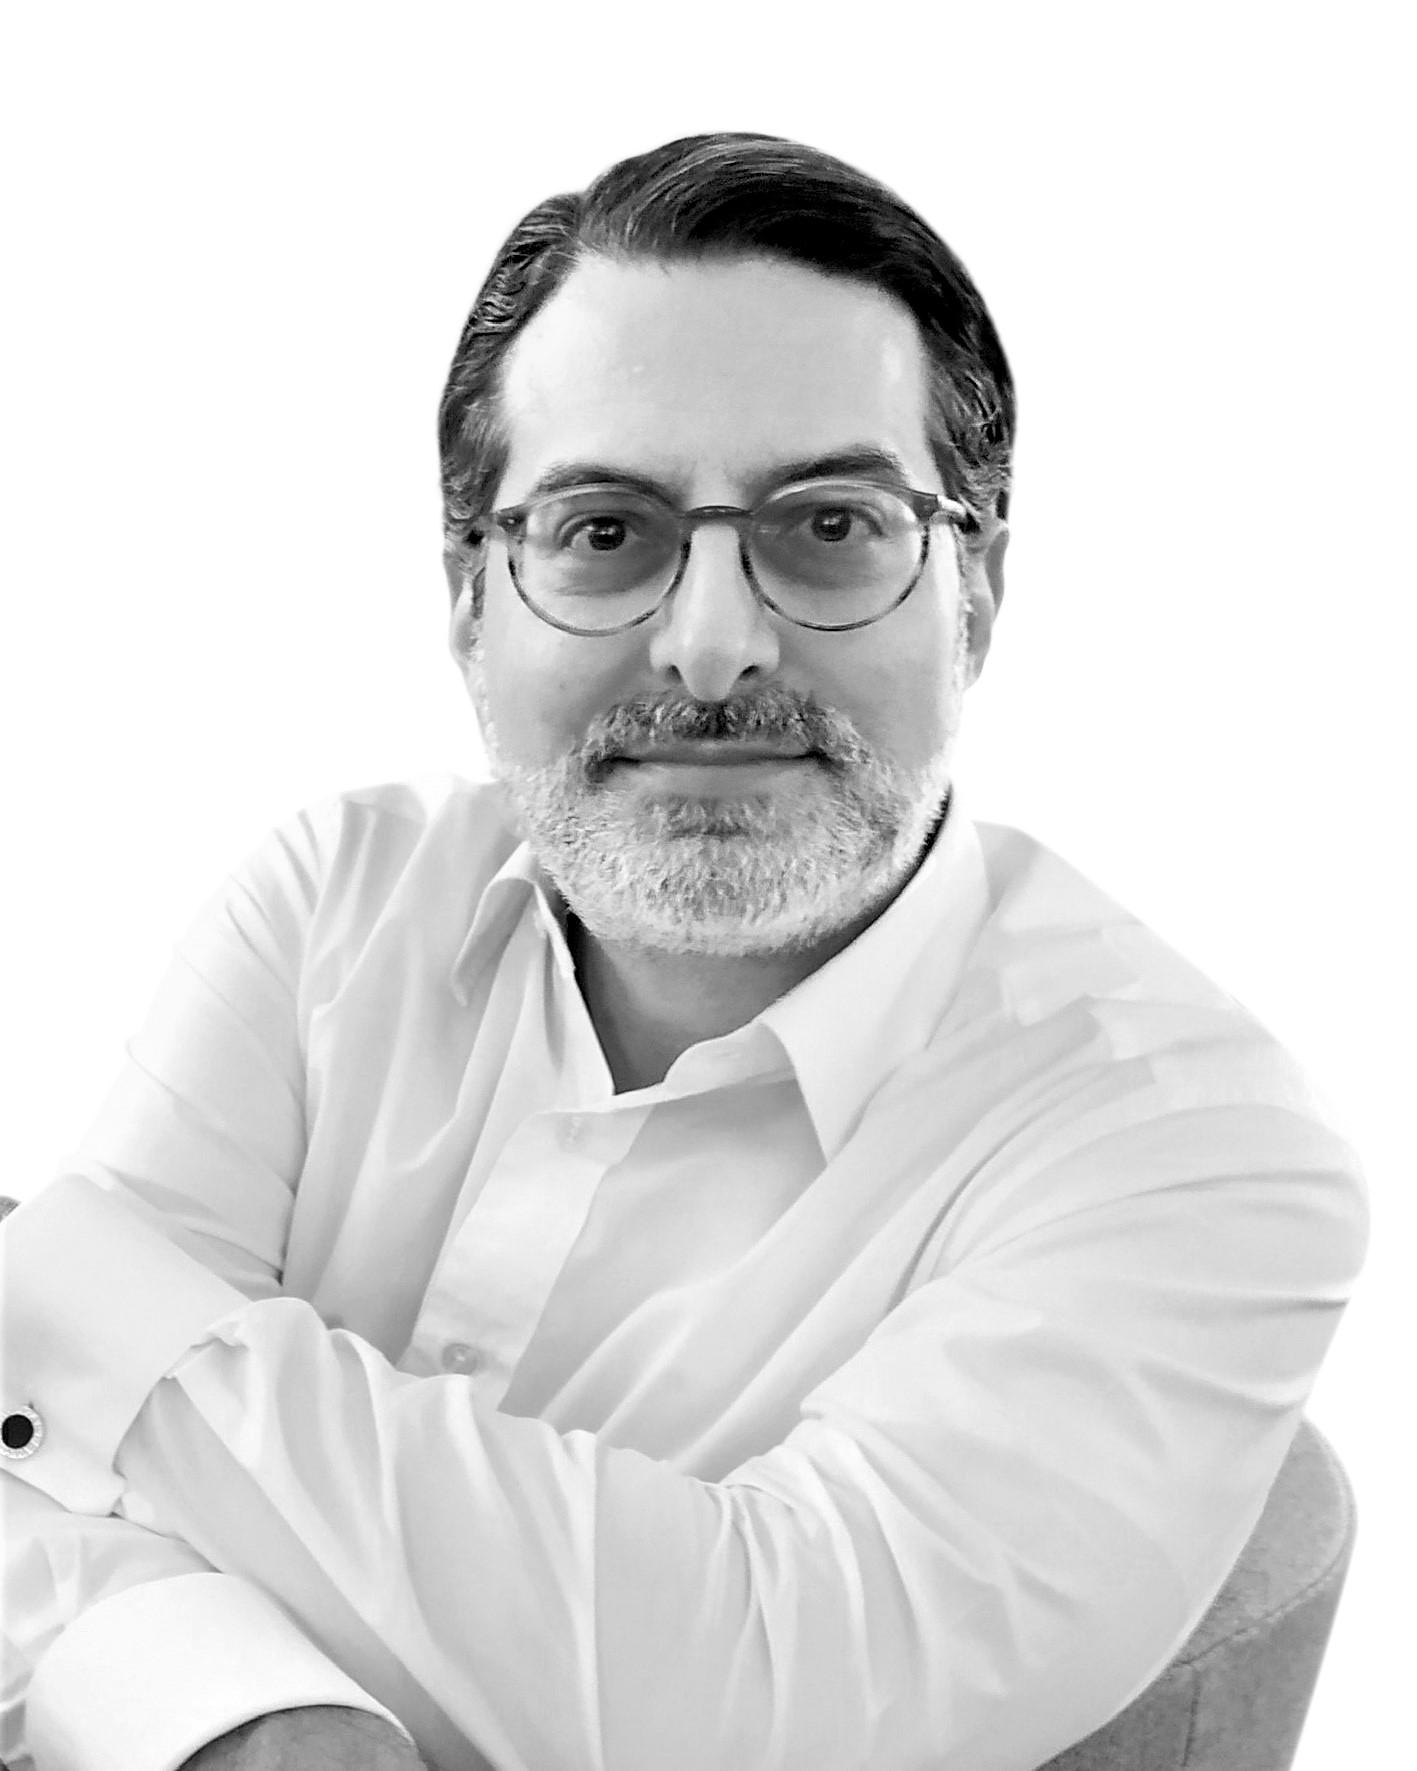 Porträtfoto im weißen Hemd